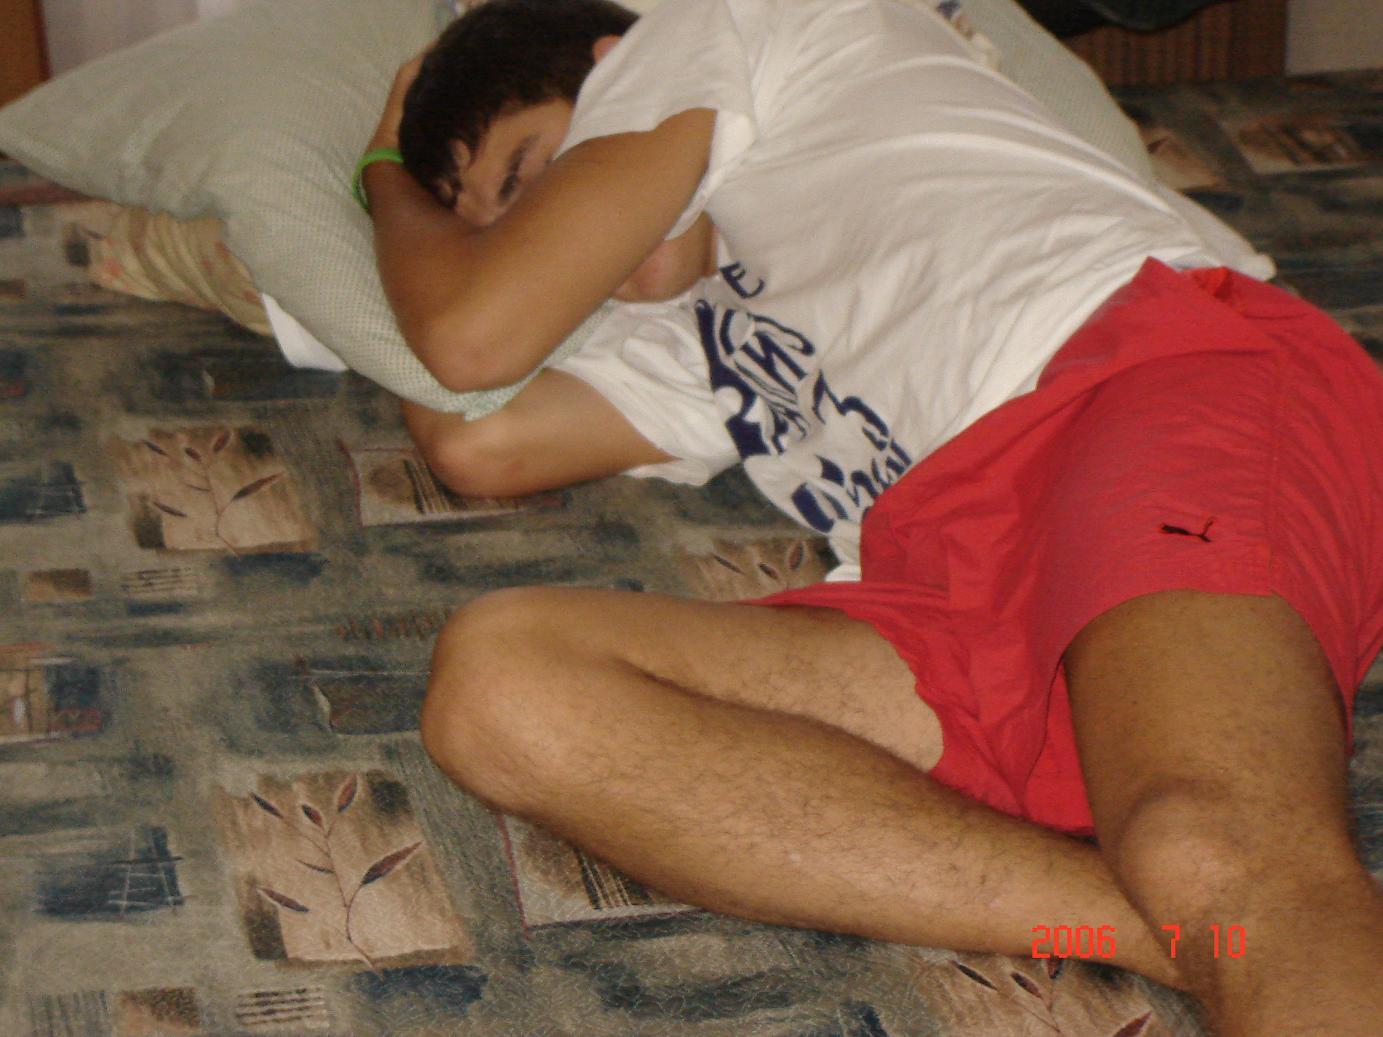 Фотографии пока она спит, Спящие жены без трусов (47 фото) 3 фотография